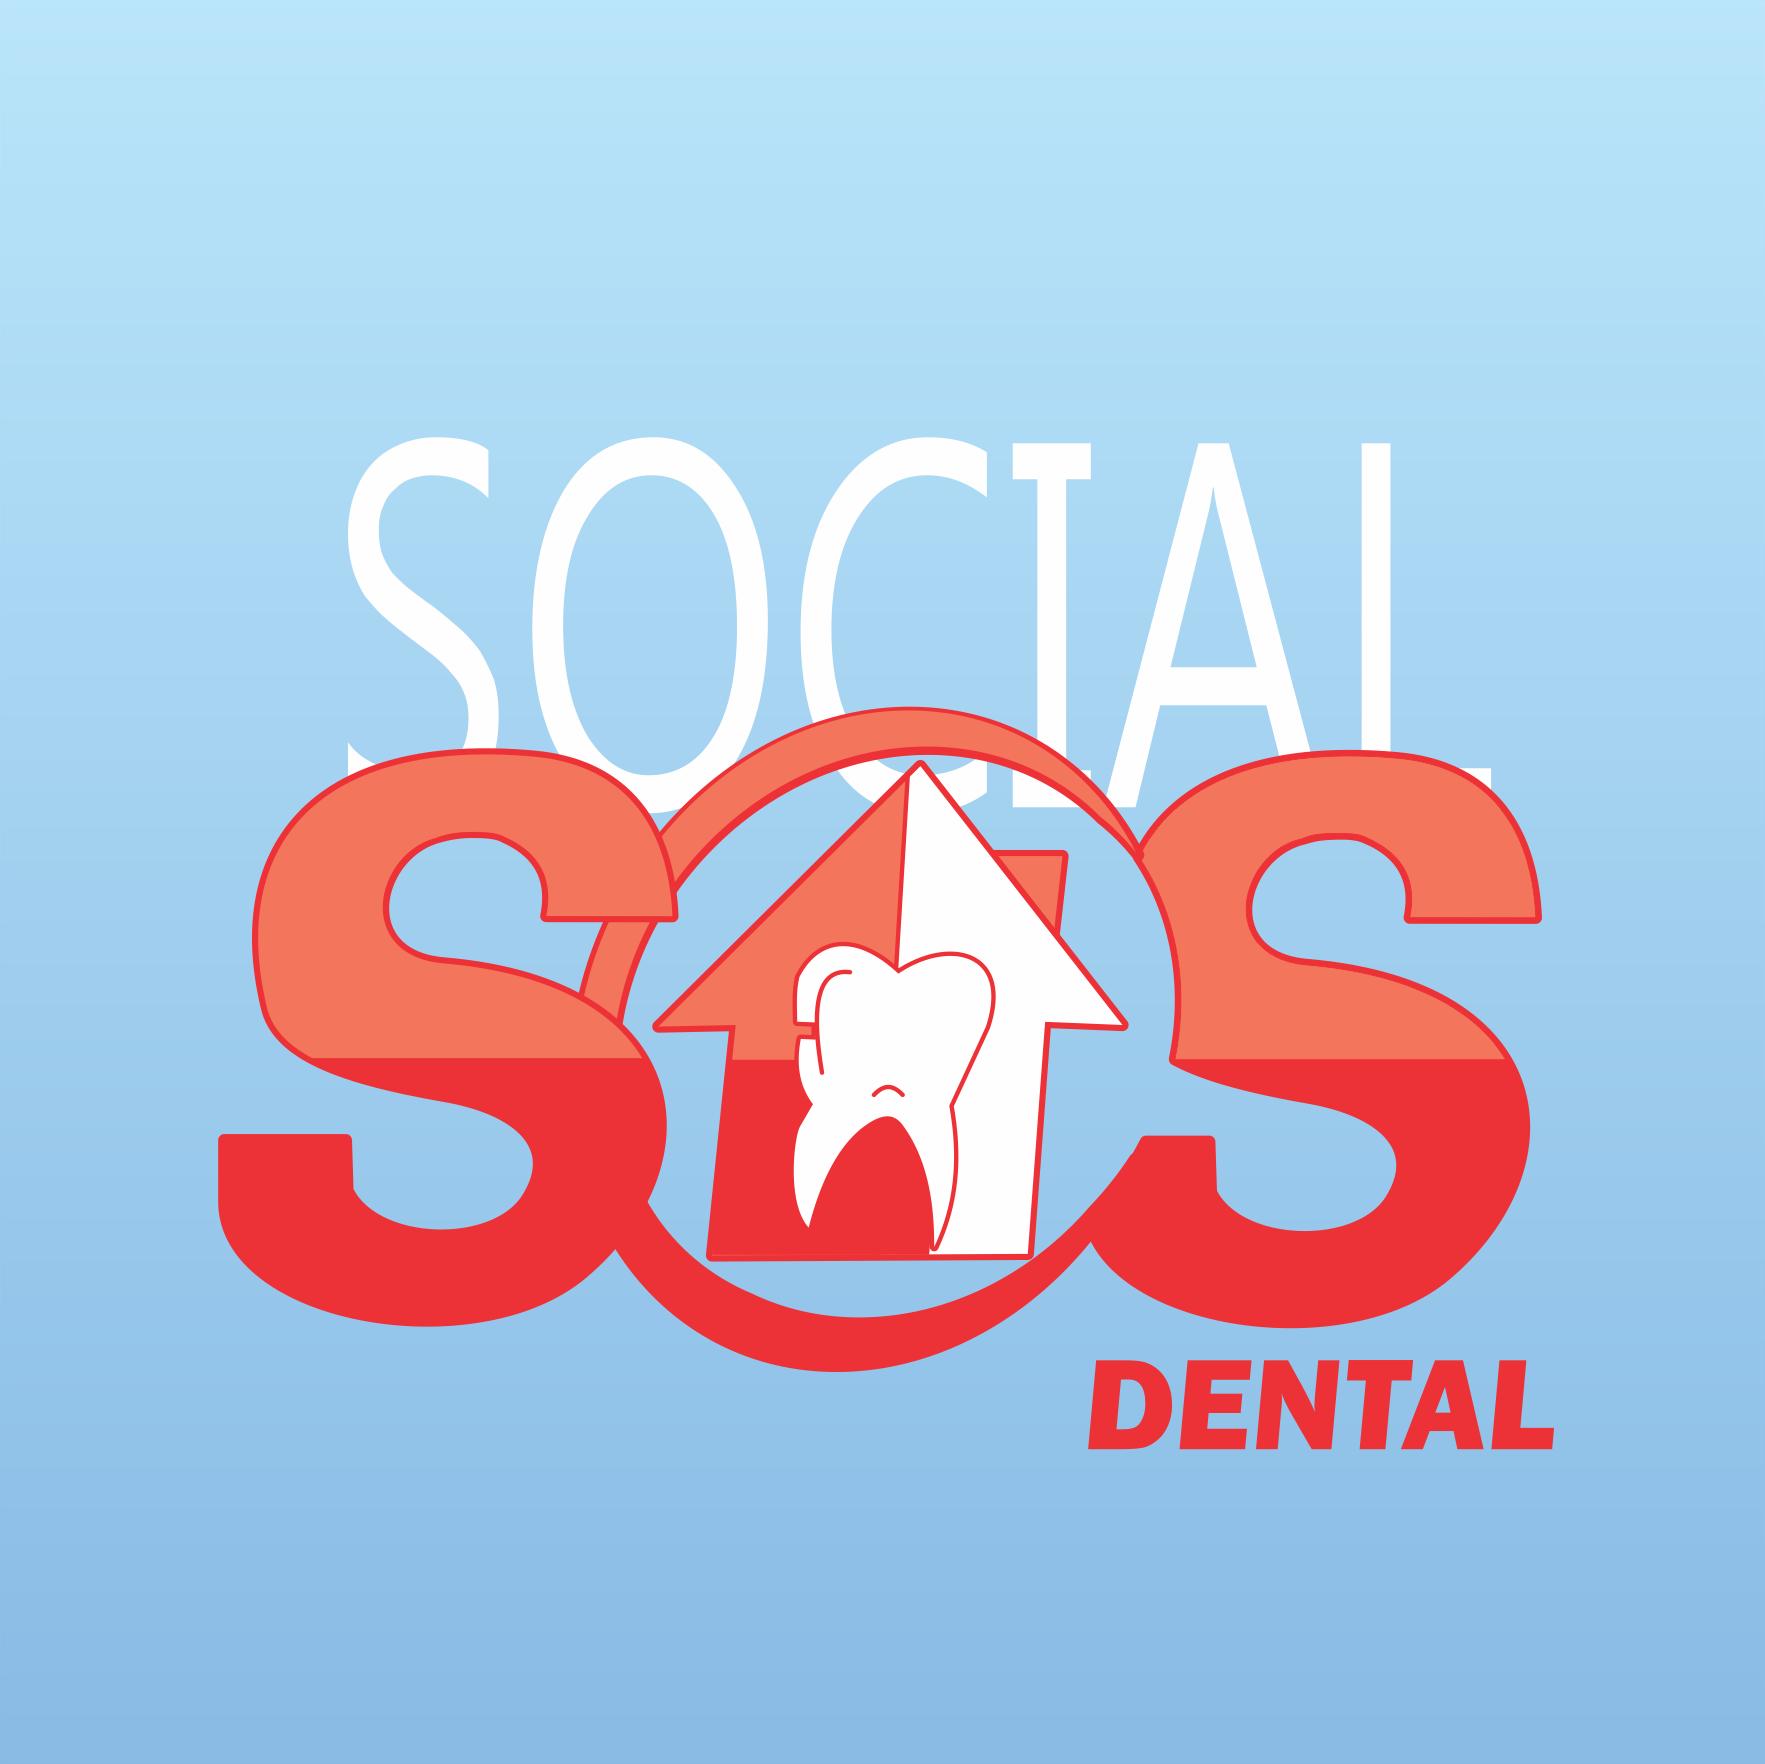 SOS Dental Social